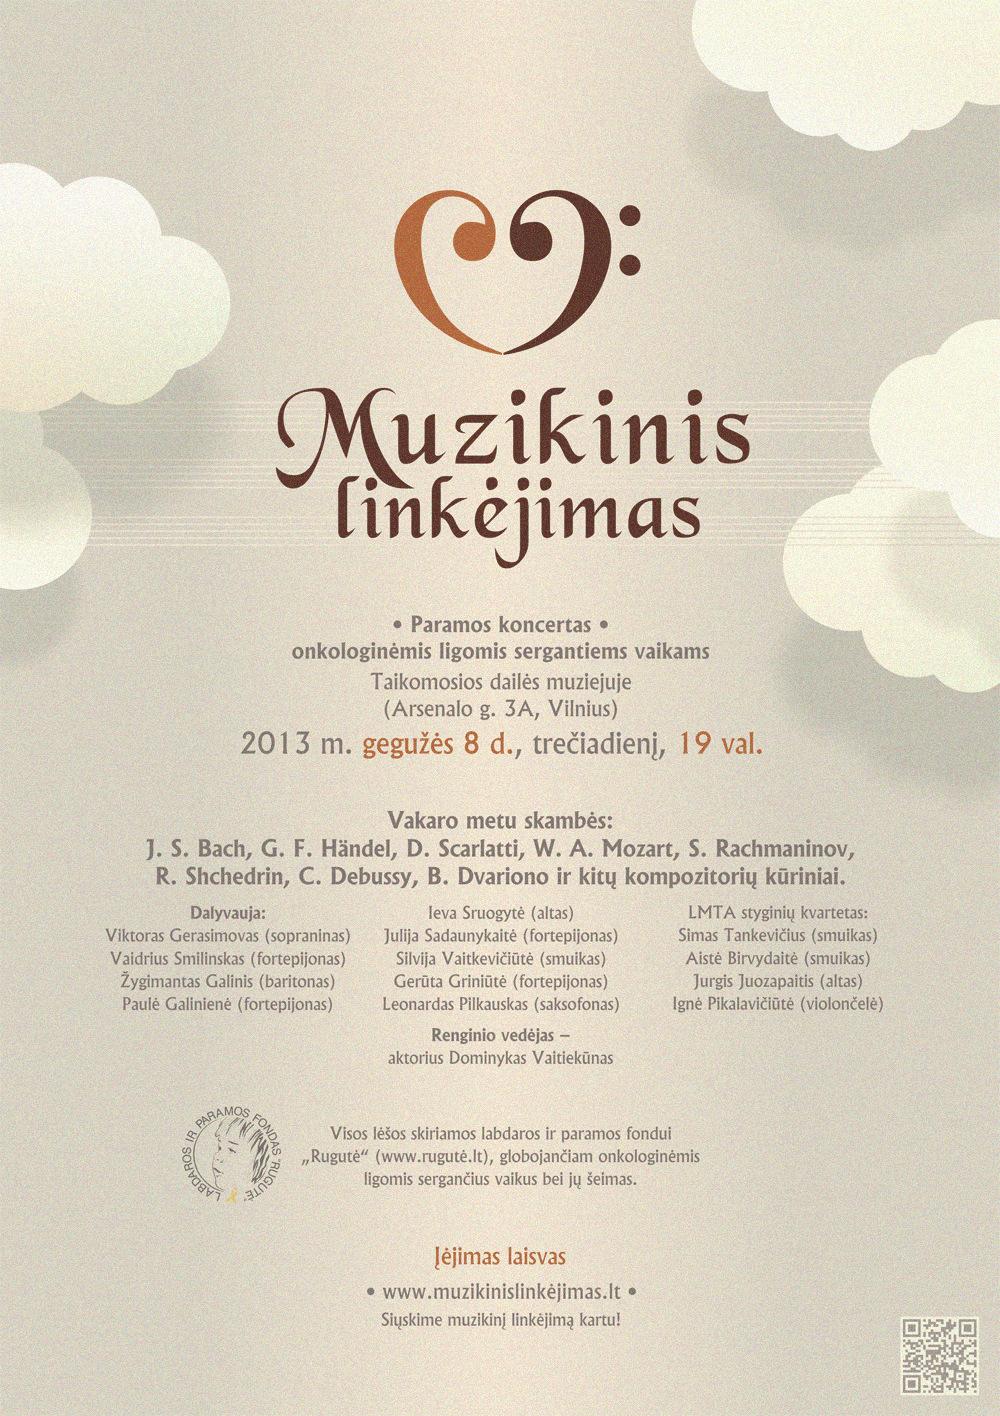 Vaidone Dabriškaite - Muzikinis linkėjimas | plakatas